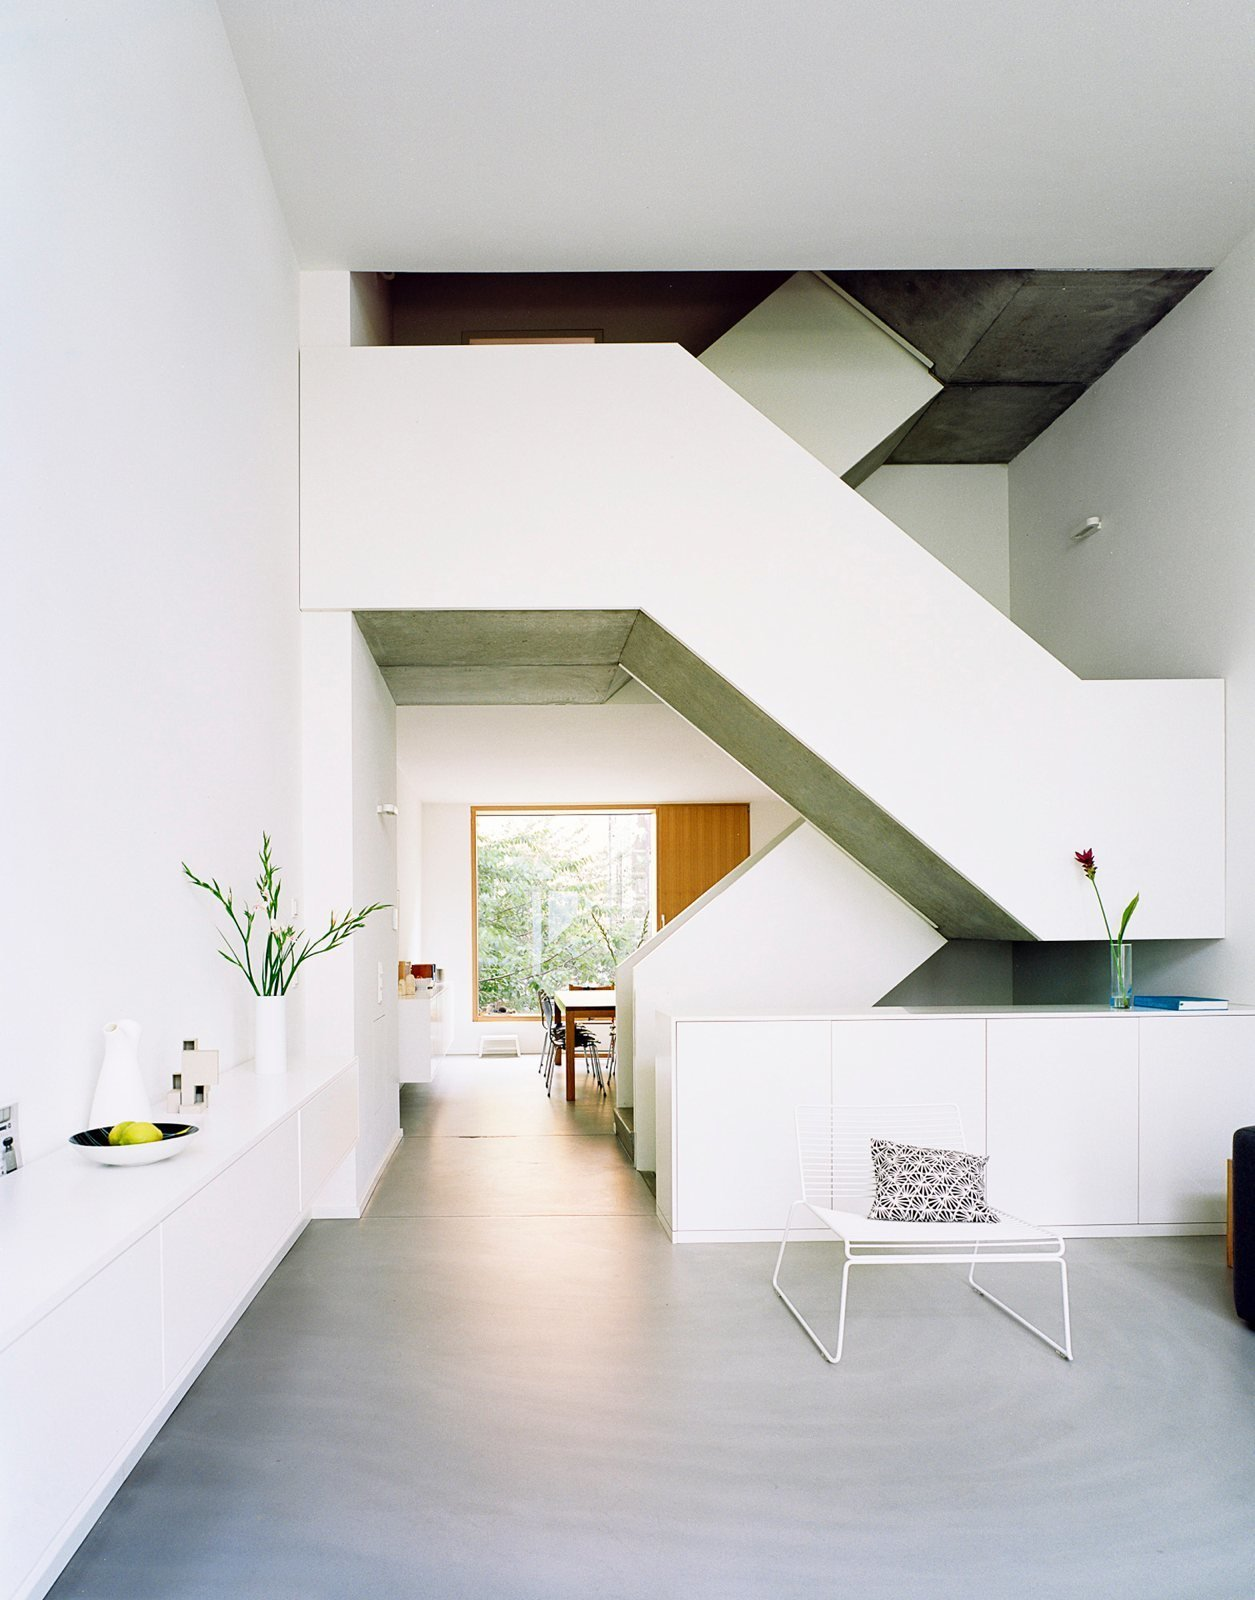 Maisonette staircase. ze05 by Zanderroth Architekten. © Simon Menges.  upinteriors.com/go/sph257  Photos